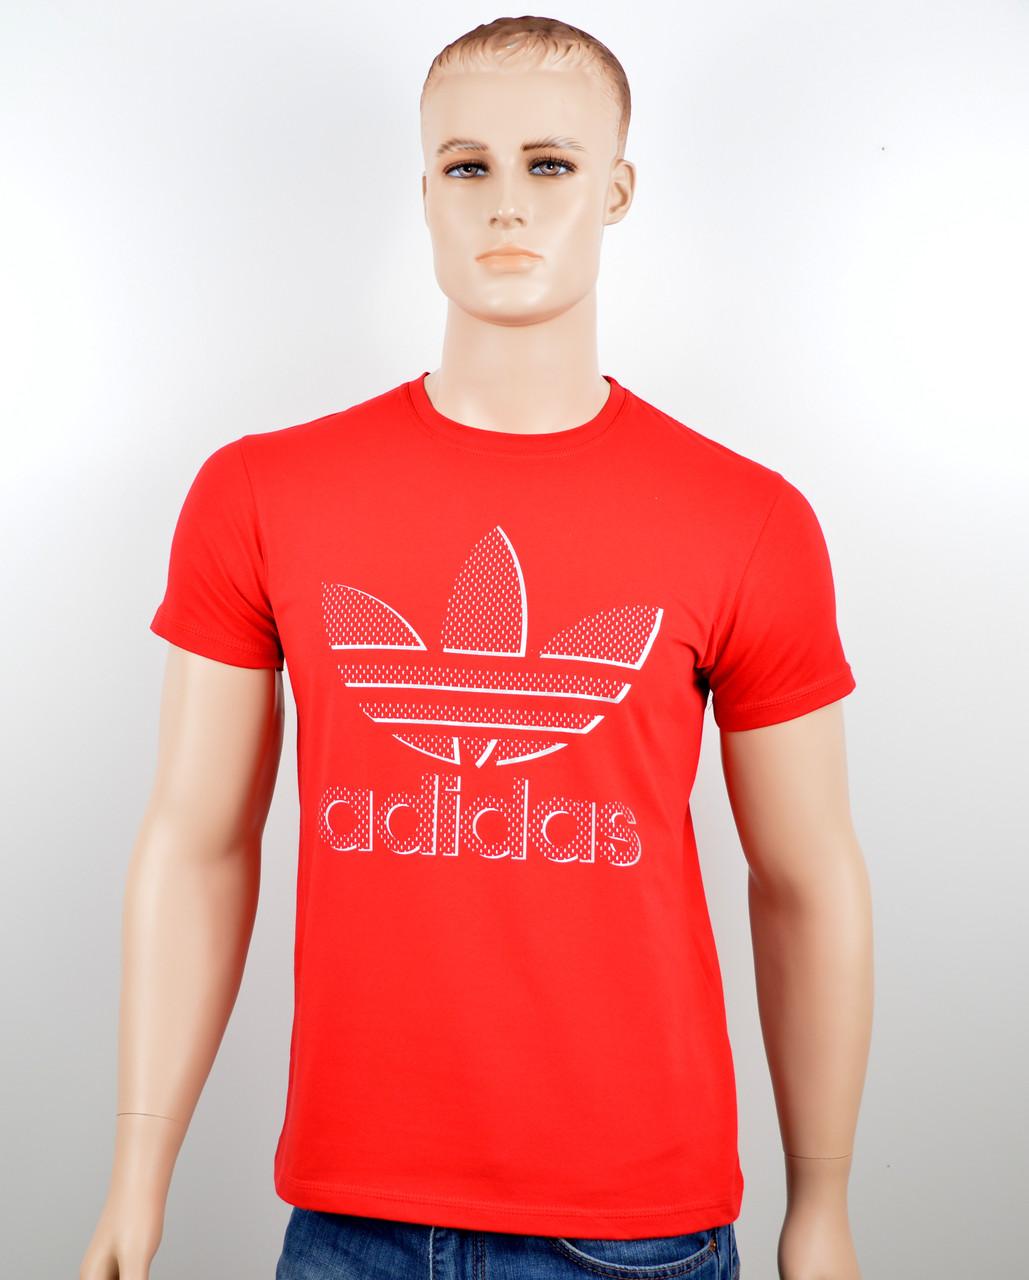 """Мужская футболка """"Adidas 18023"""" красный"""